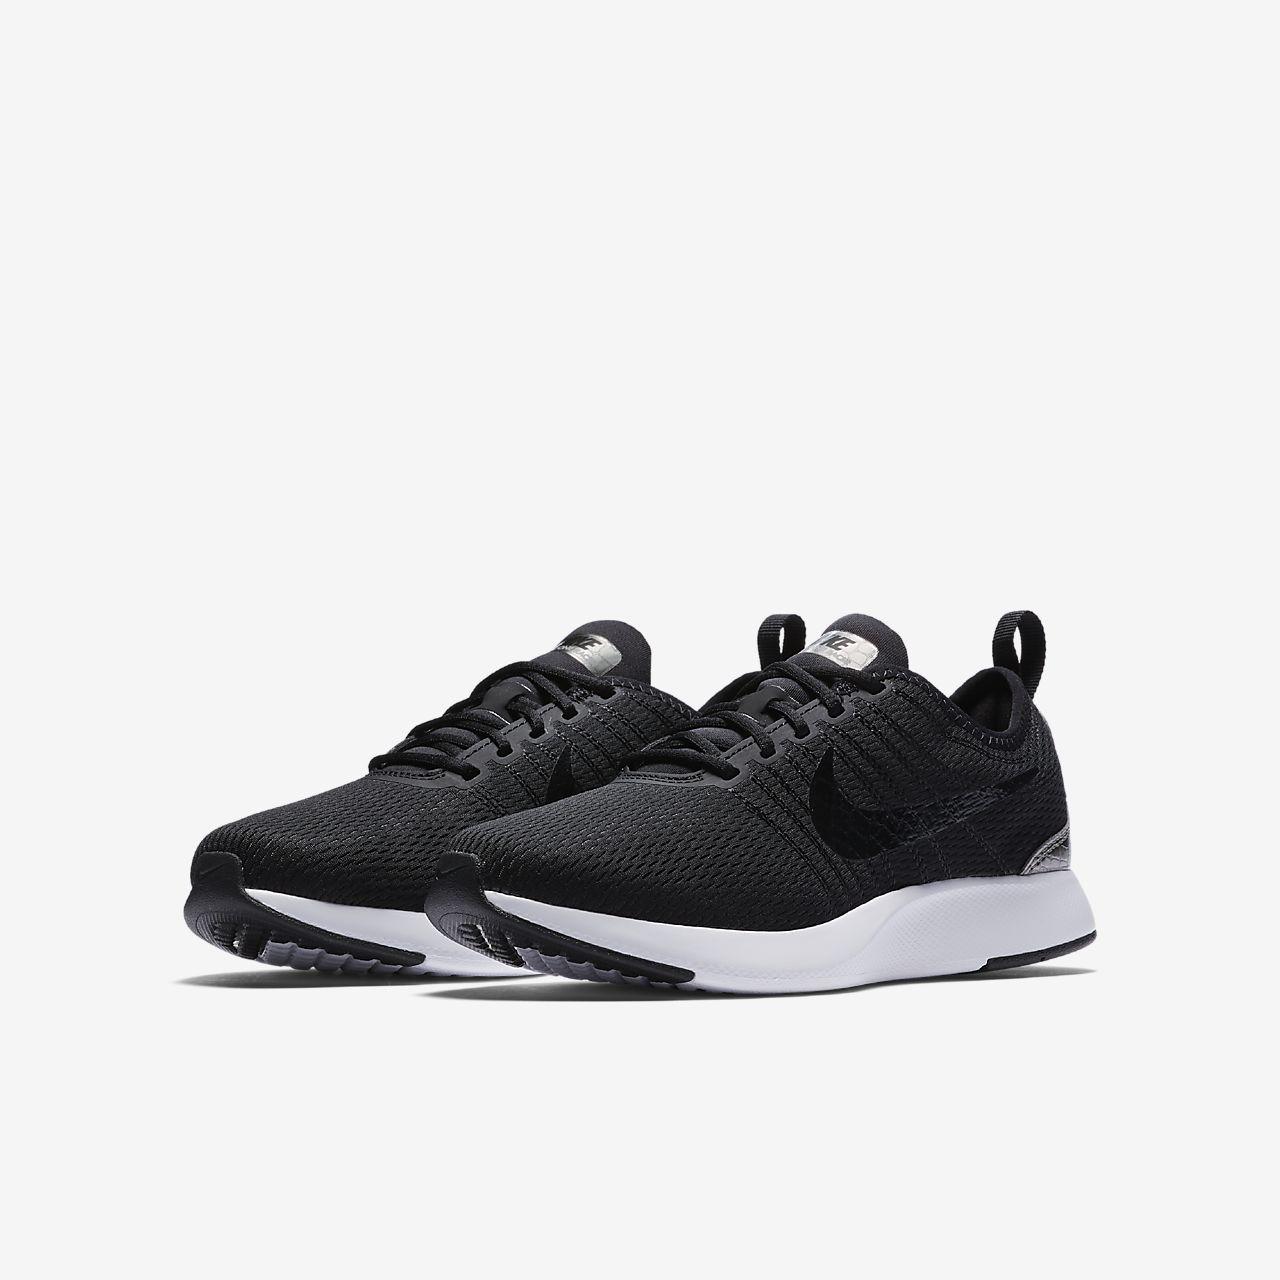 pretty nice c5000 237c1 ... Chaussure Nike DualTone Racer pour Enfant plus âgé